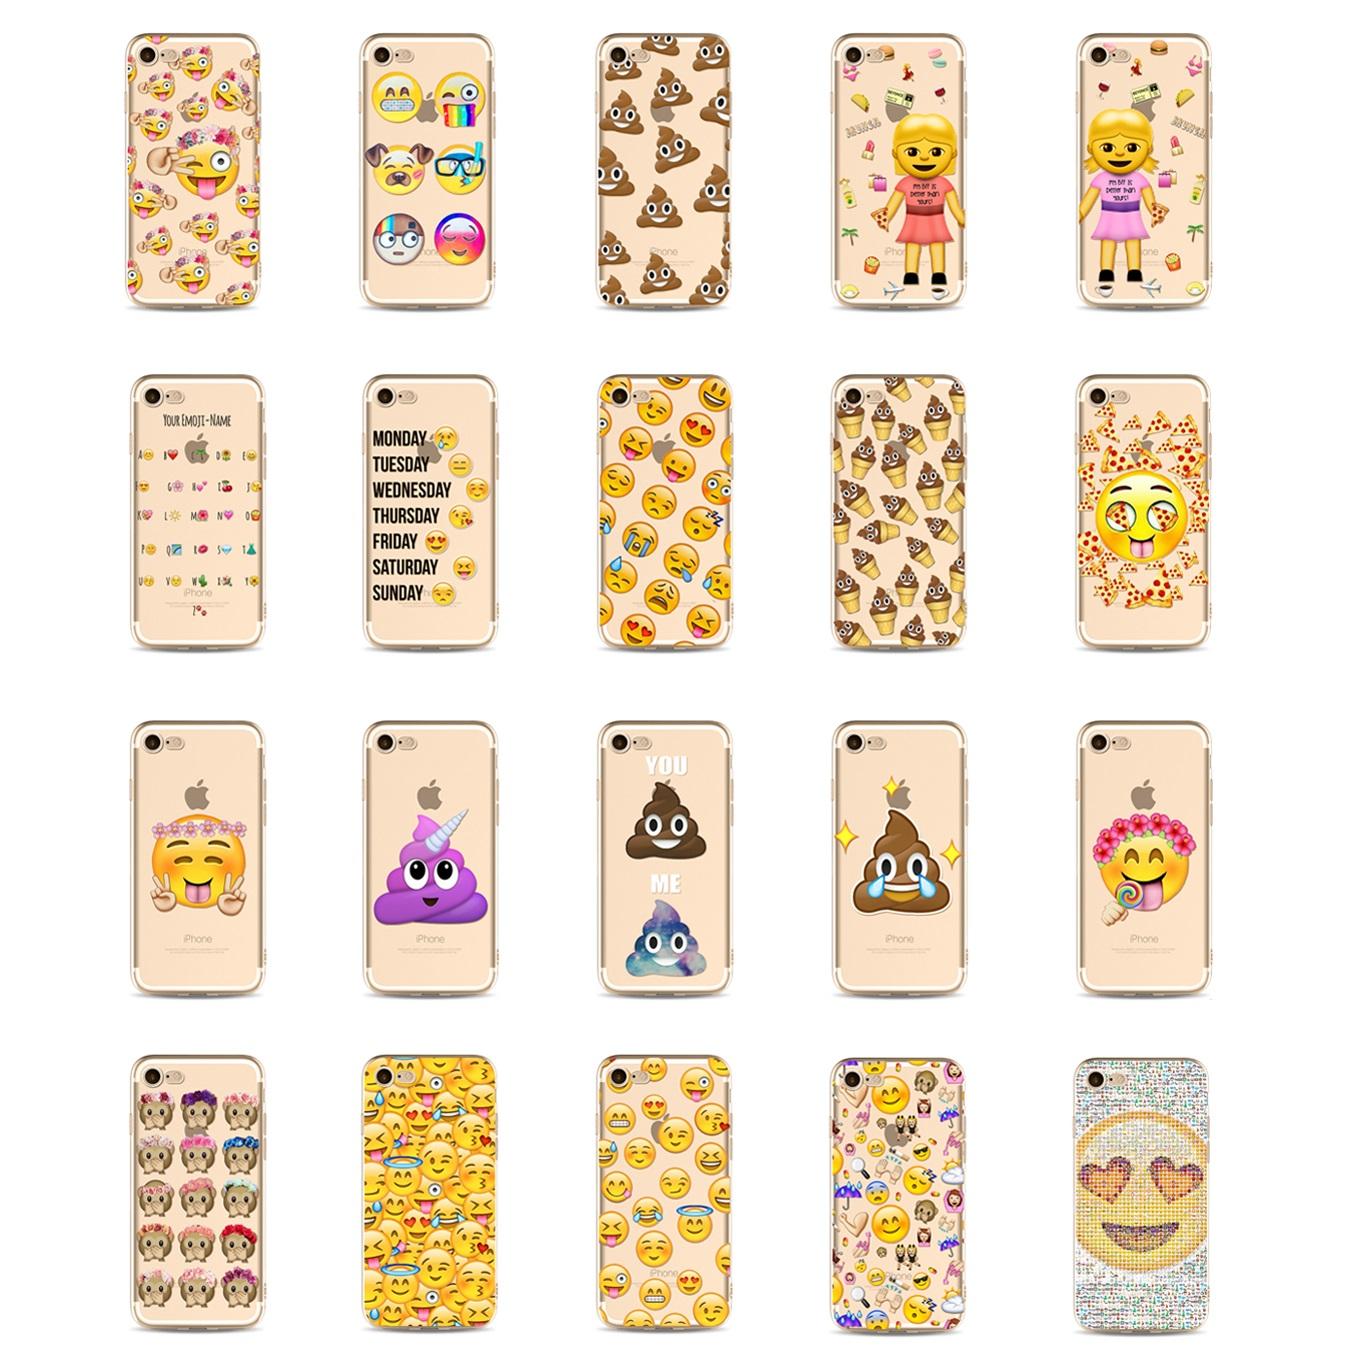 emoji iphone x 8 7 plus cases